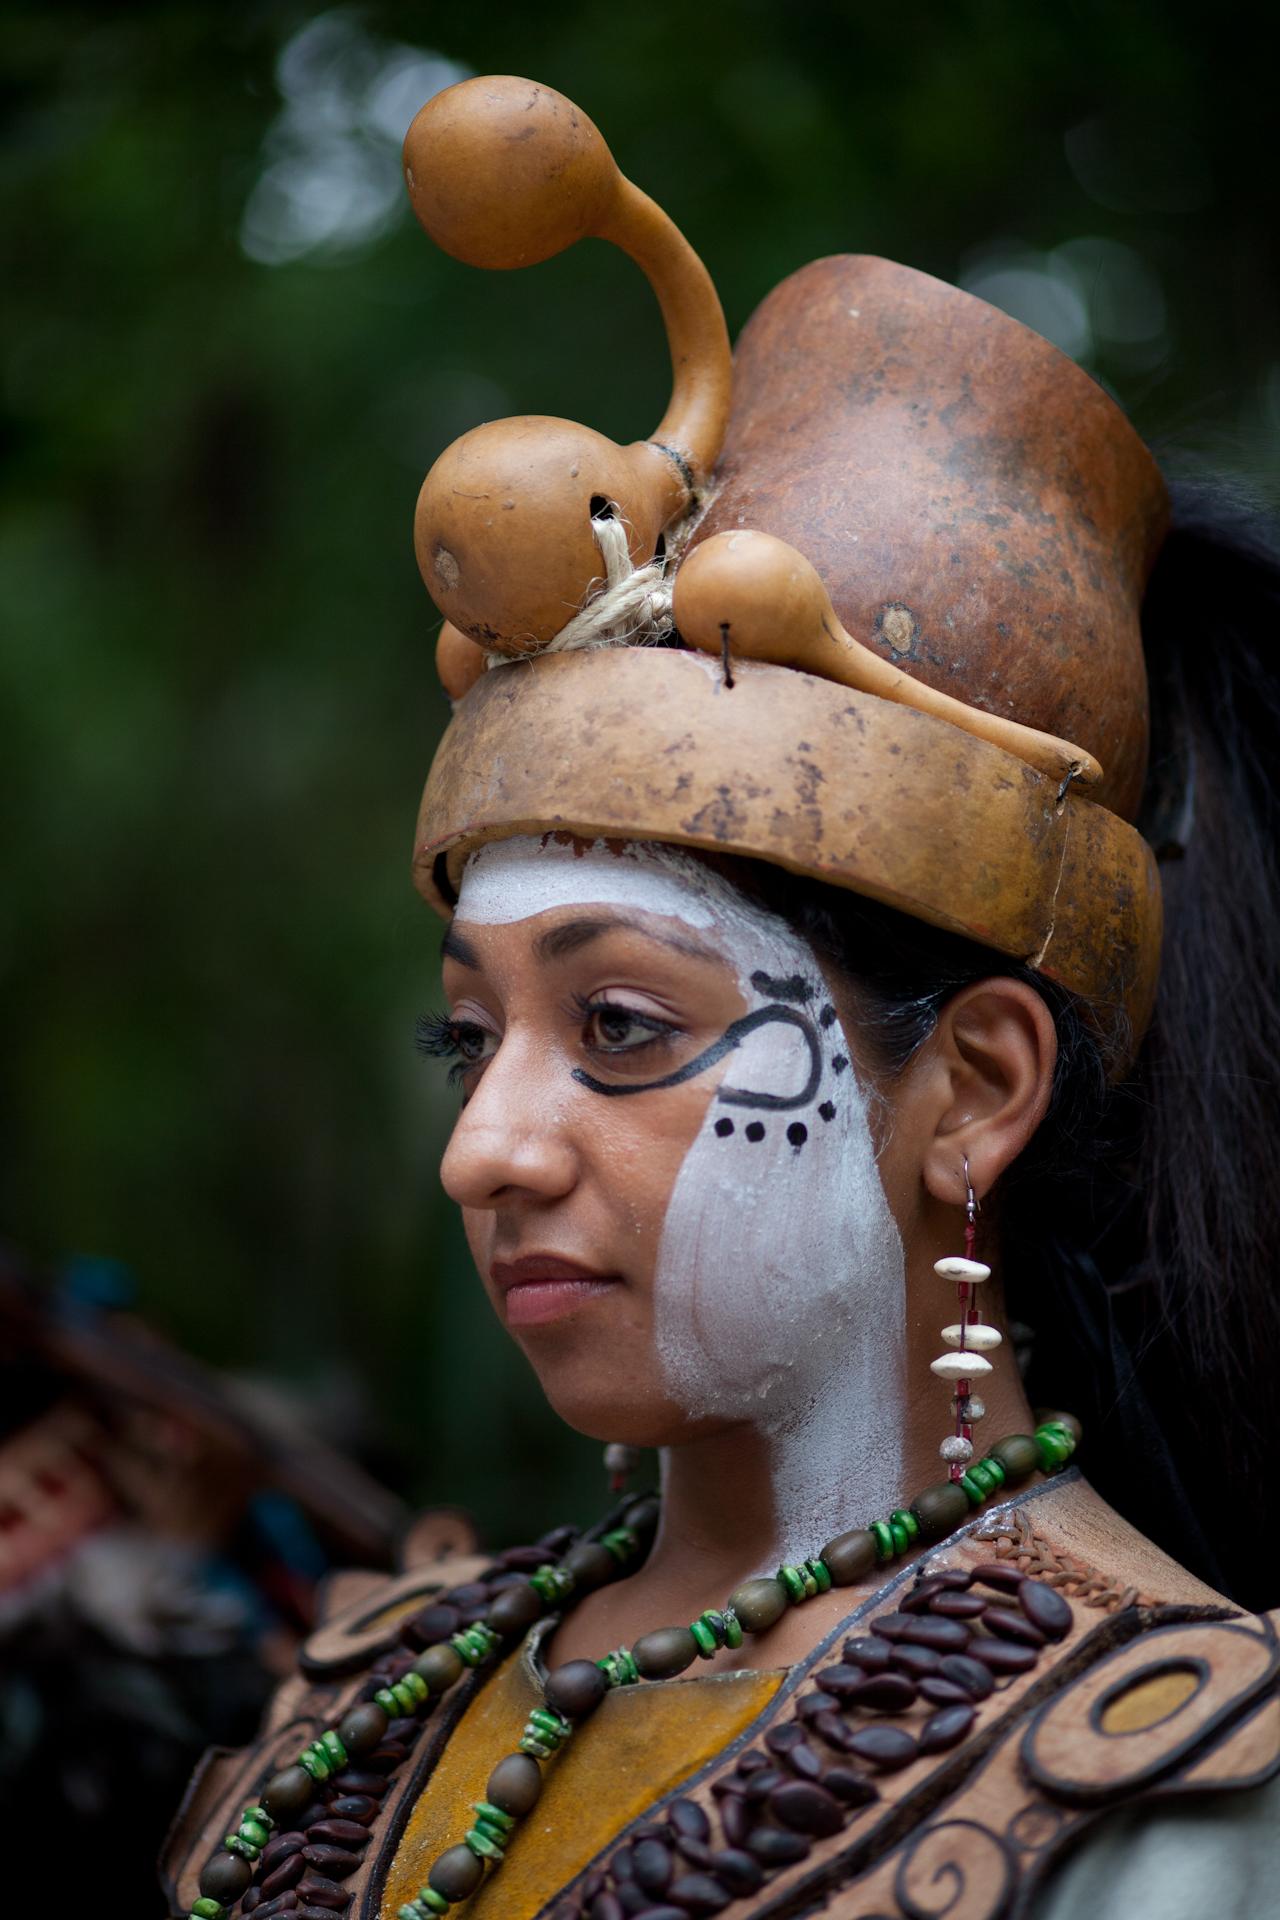 полировки все про майя картинки керамических плит варианты